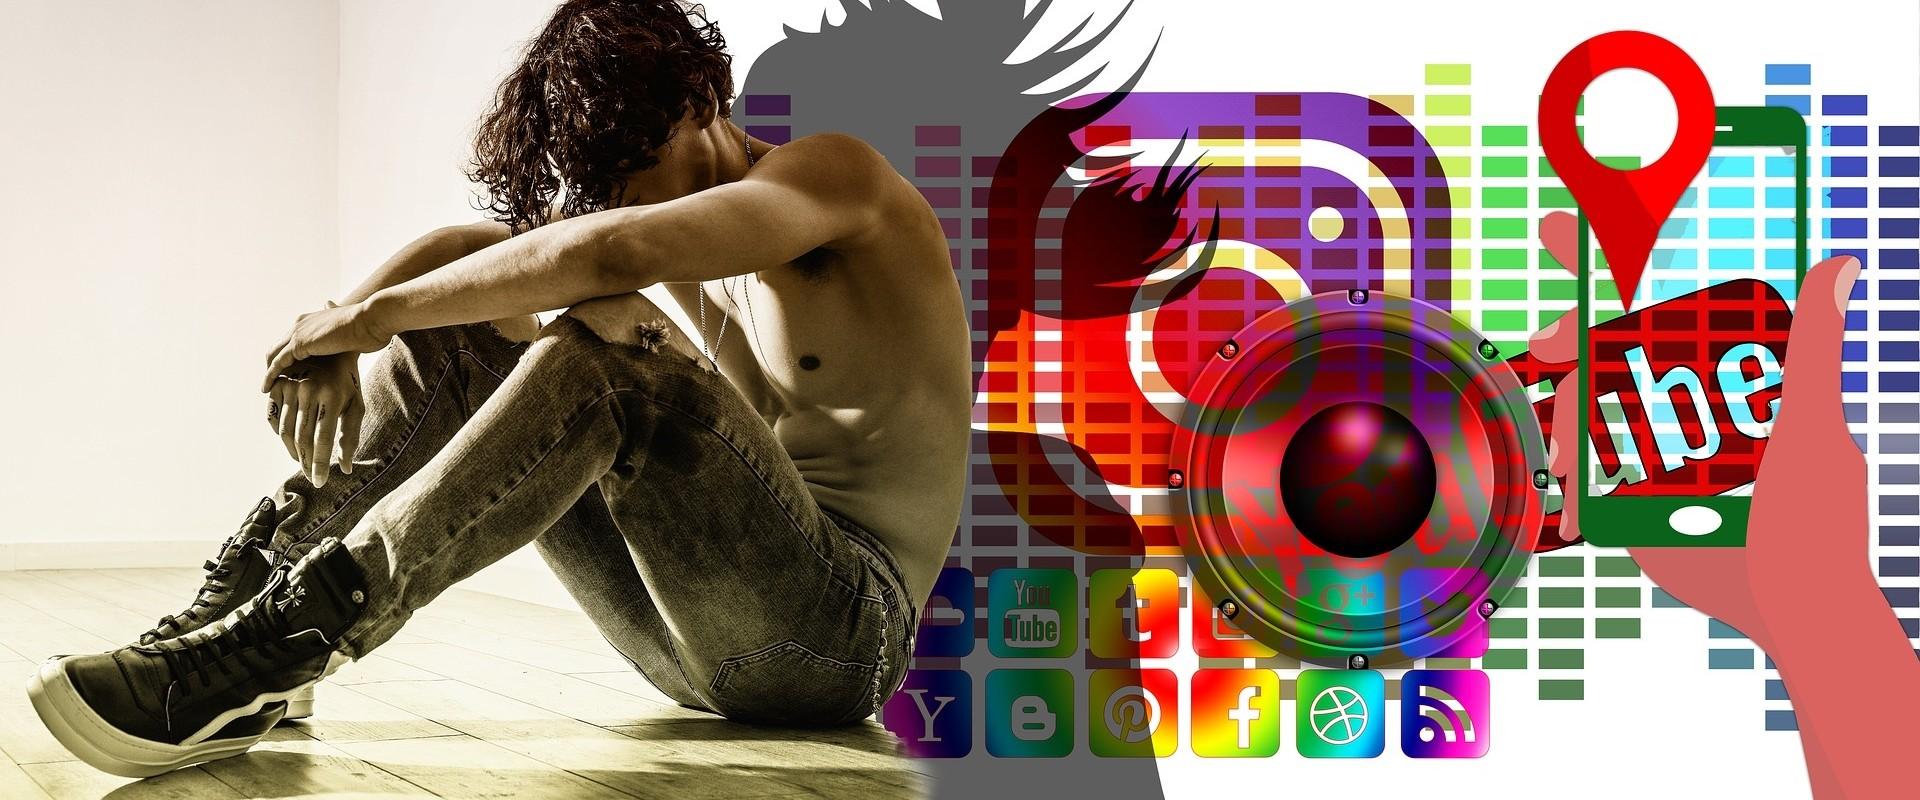 Social media verslaving - Ben jij al een 'gebruiker'?